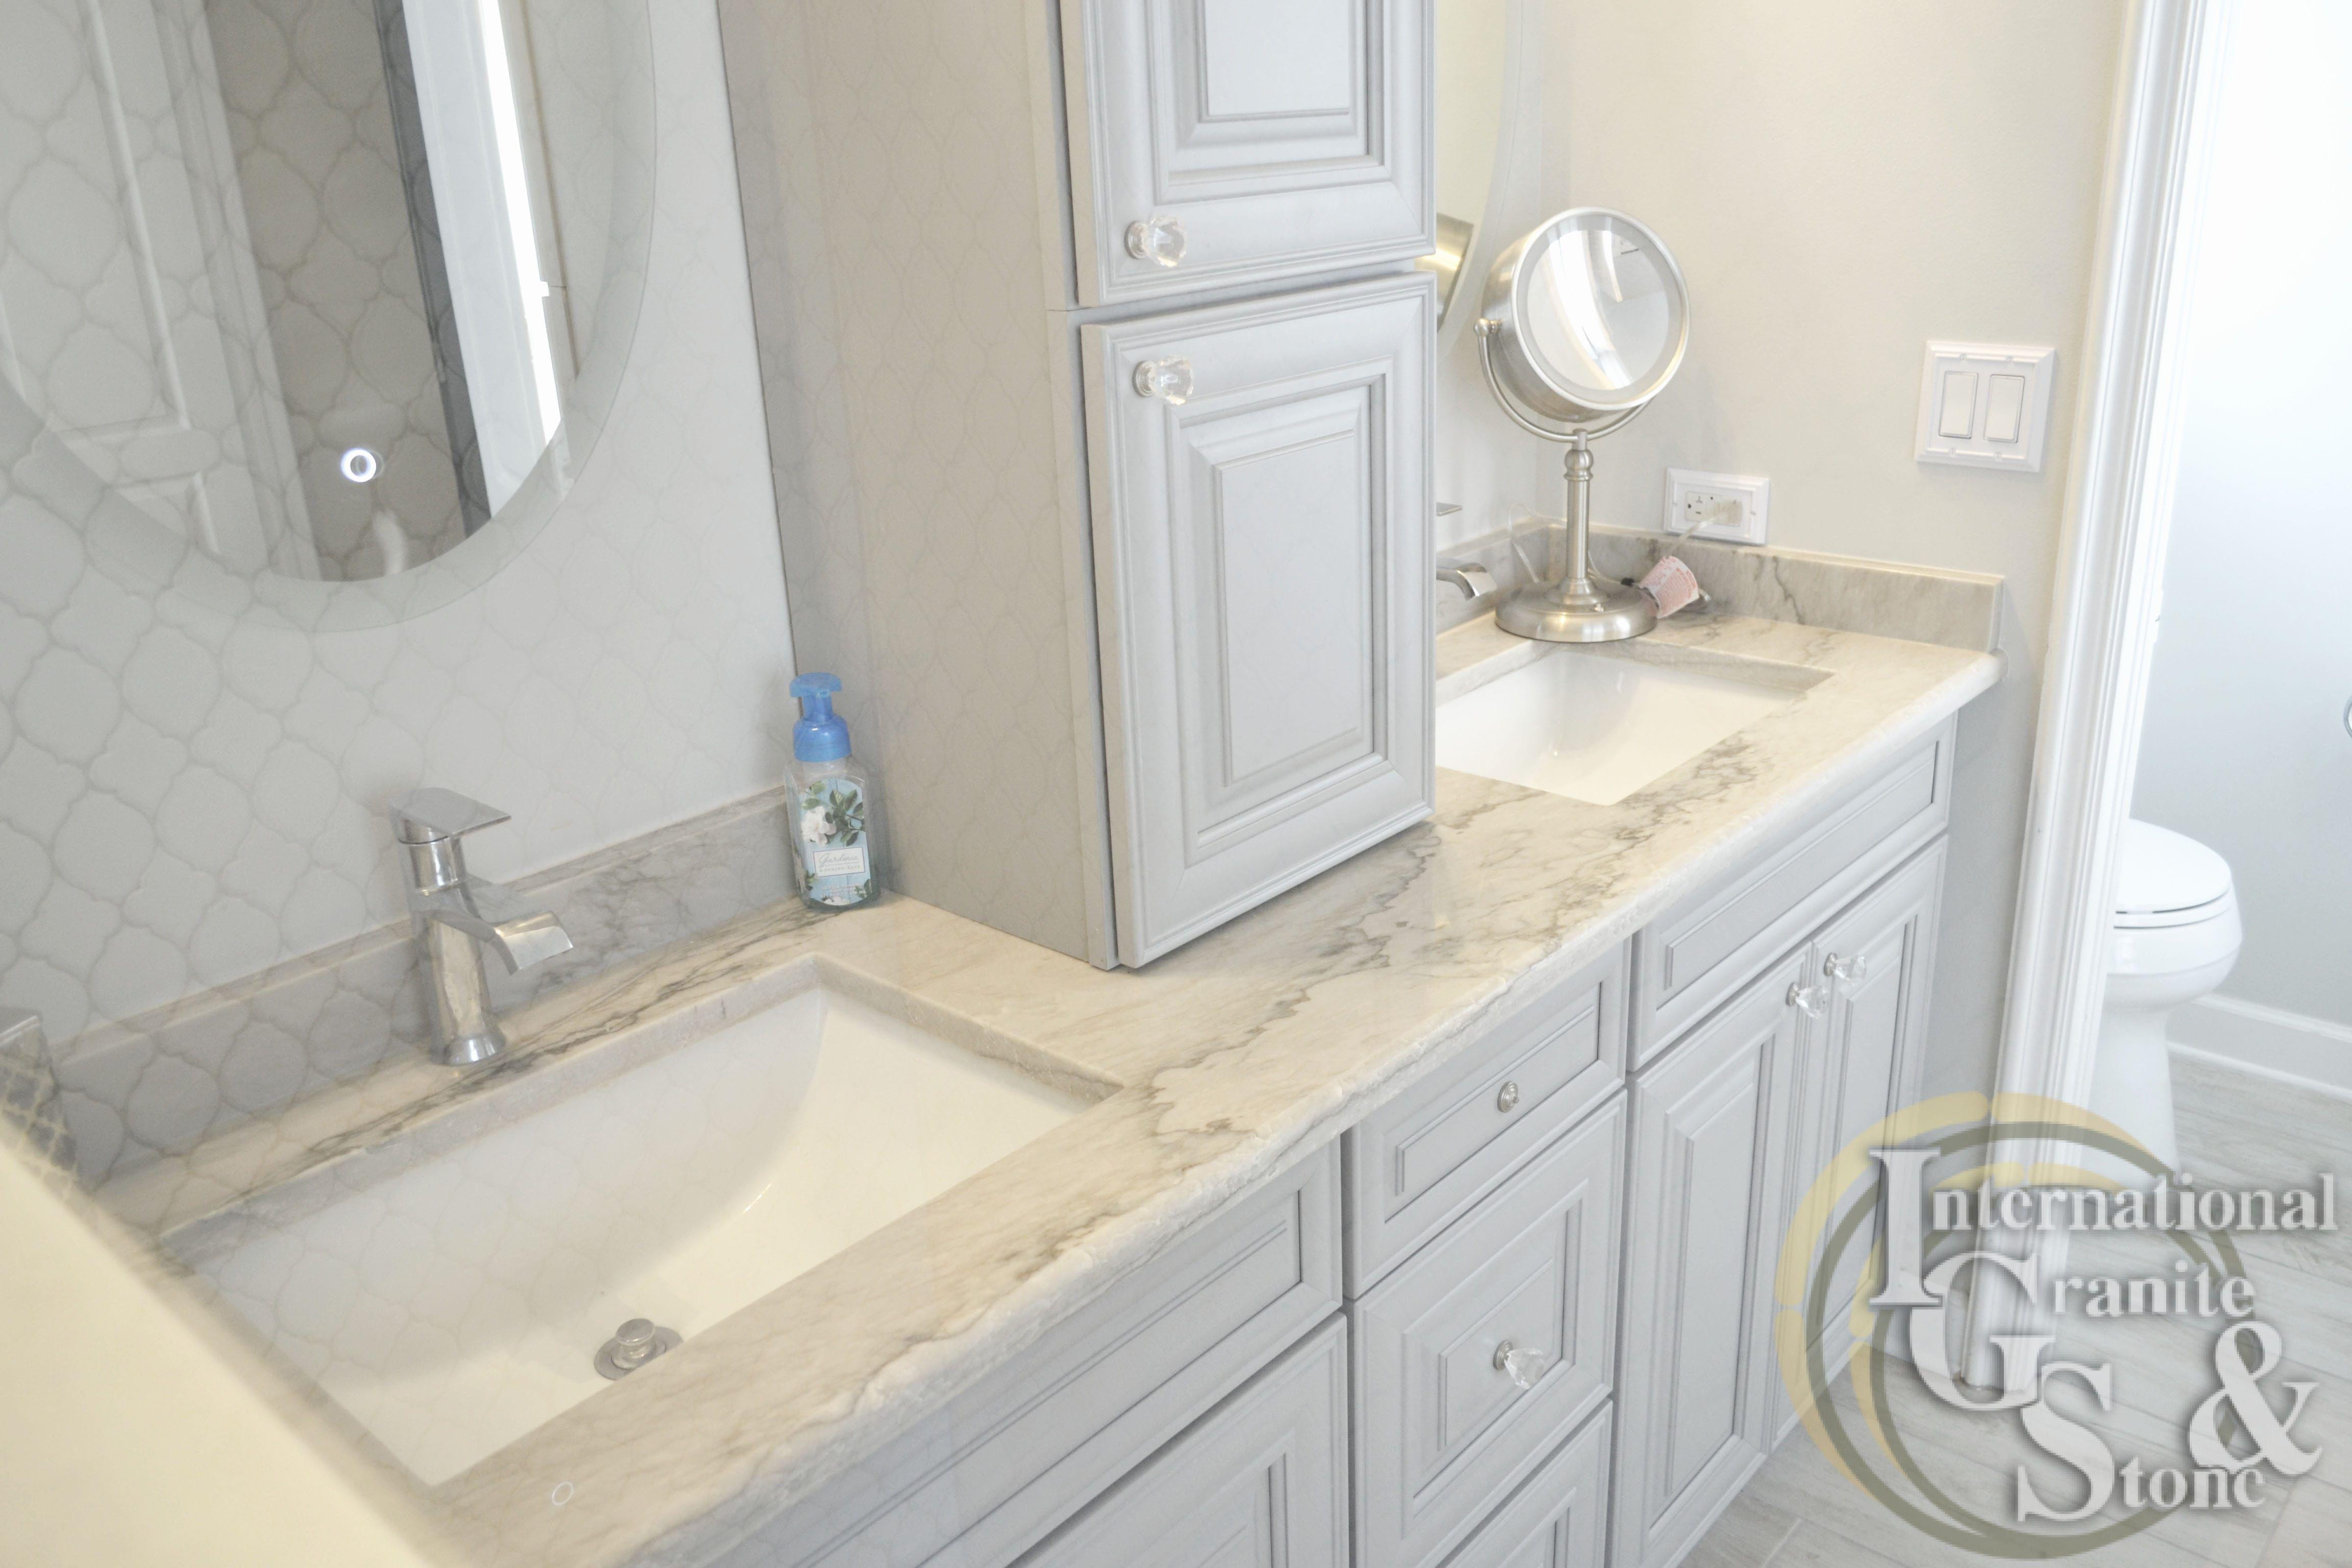 A Recent Calacatta Quartzite Master Bathroom Installation In Fort